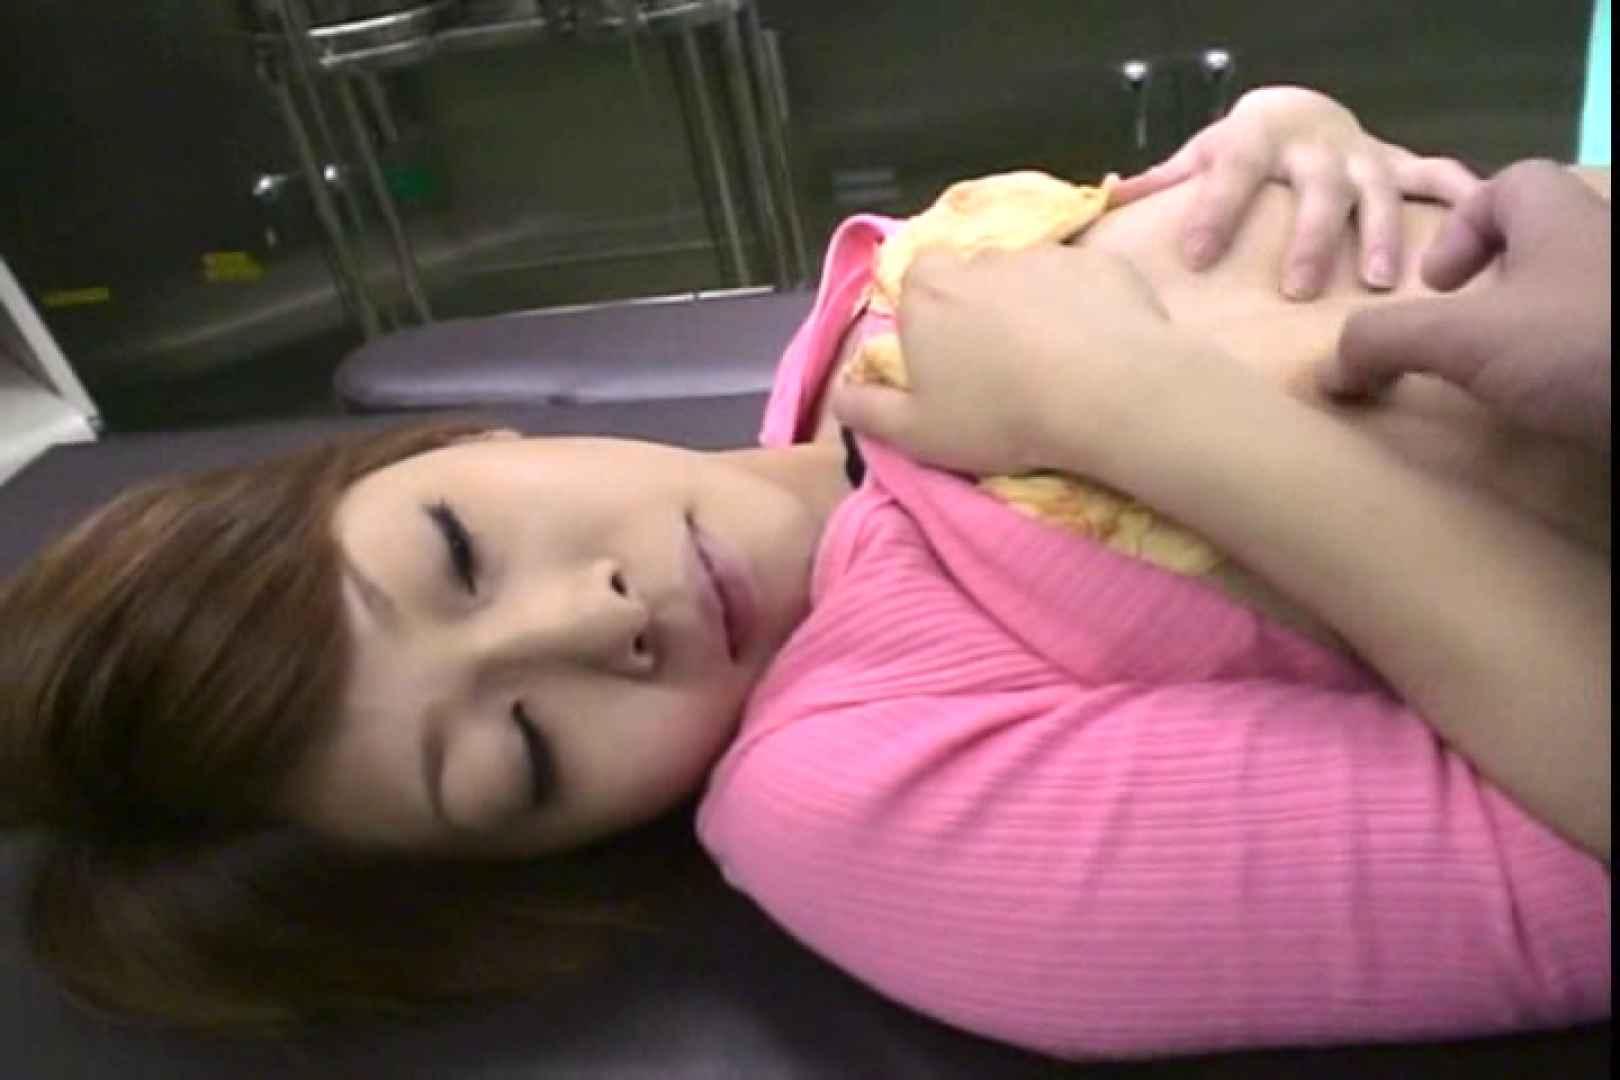 はらませ変態医師!受精完了!!Vol.7 マンコ映像 | 感じるセックス  73連発 25